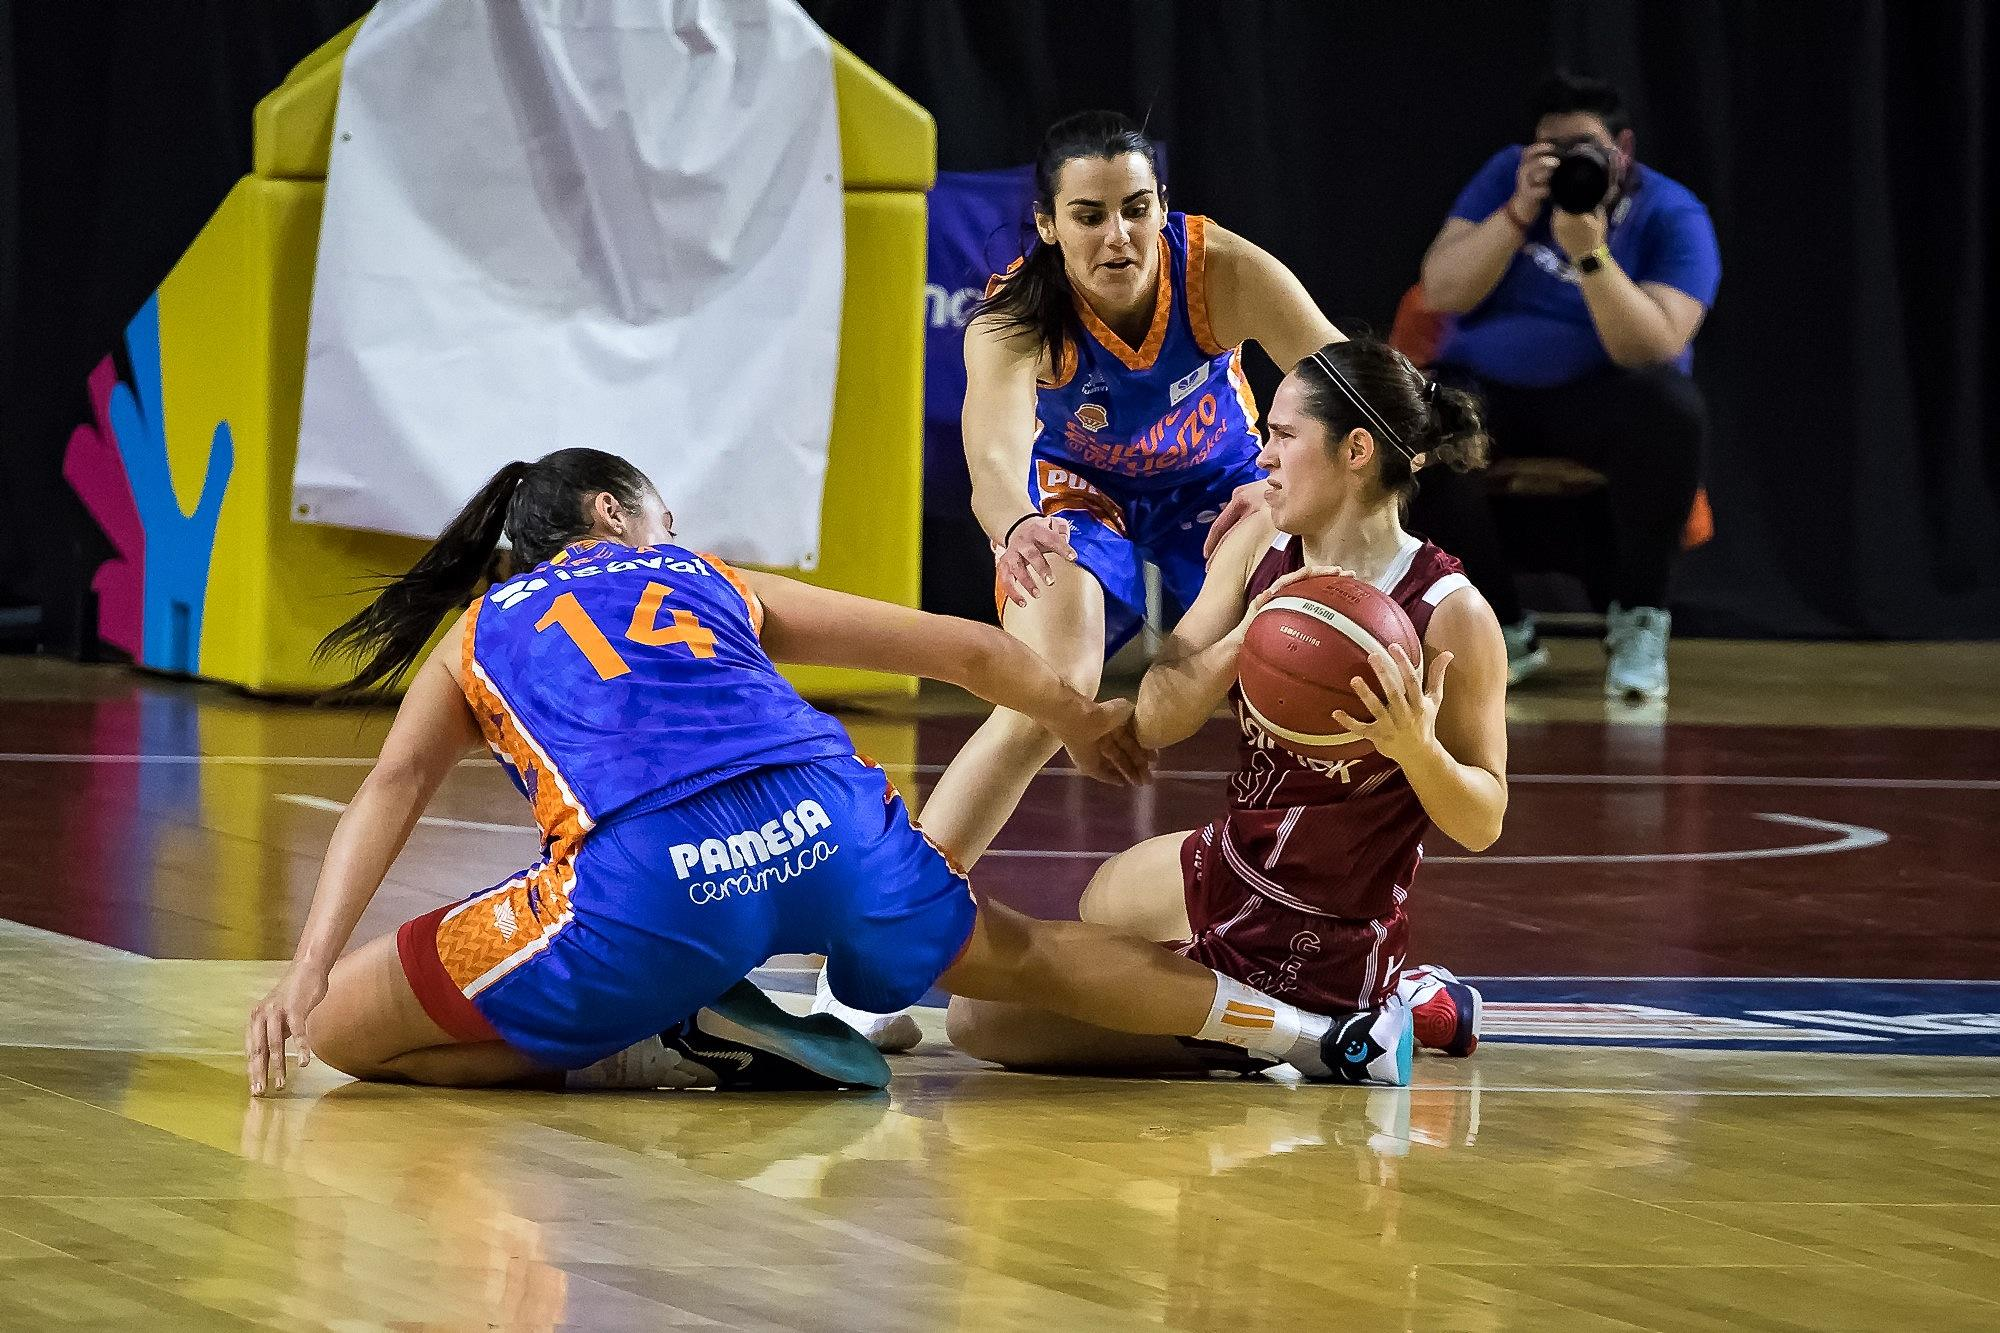 Ariztimuño consigue mantener el balón ante dos rivales (Foto: Luis Fernando Boo).